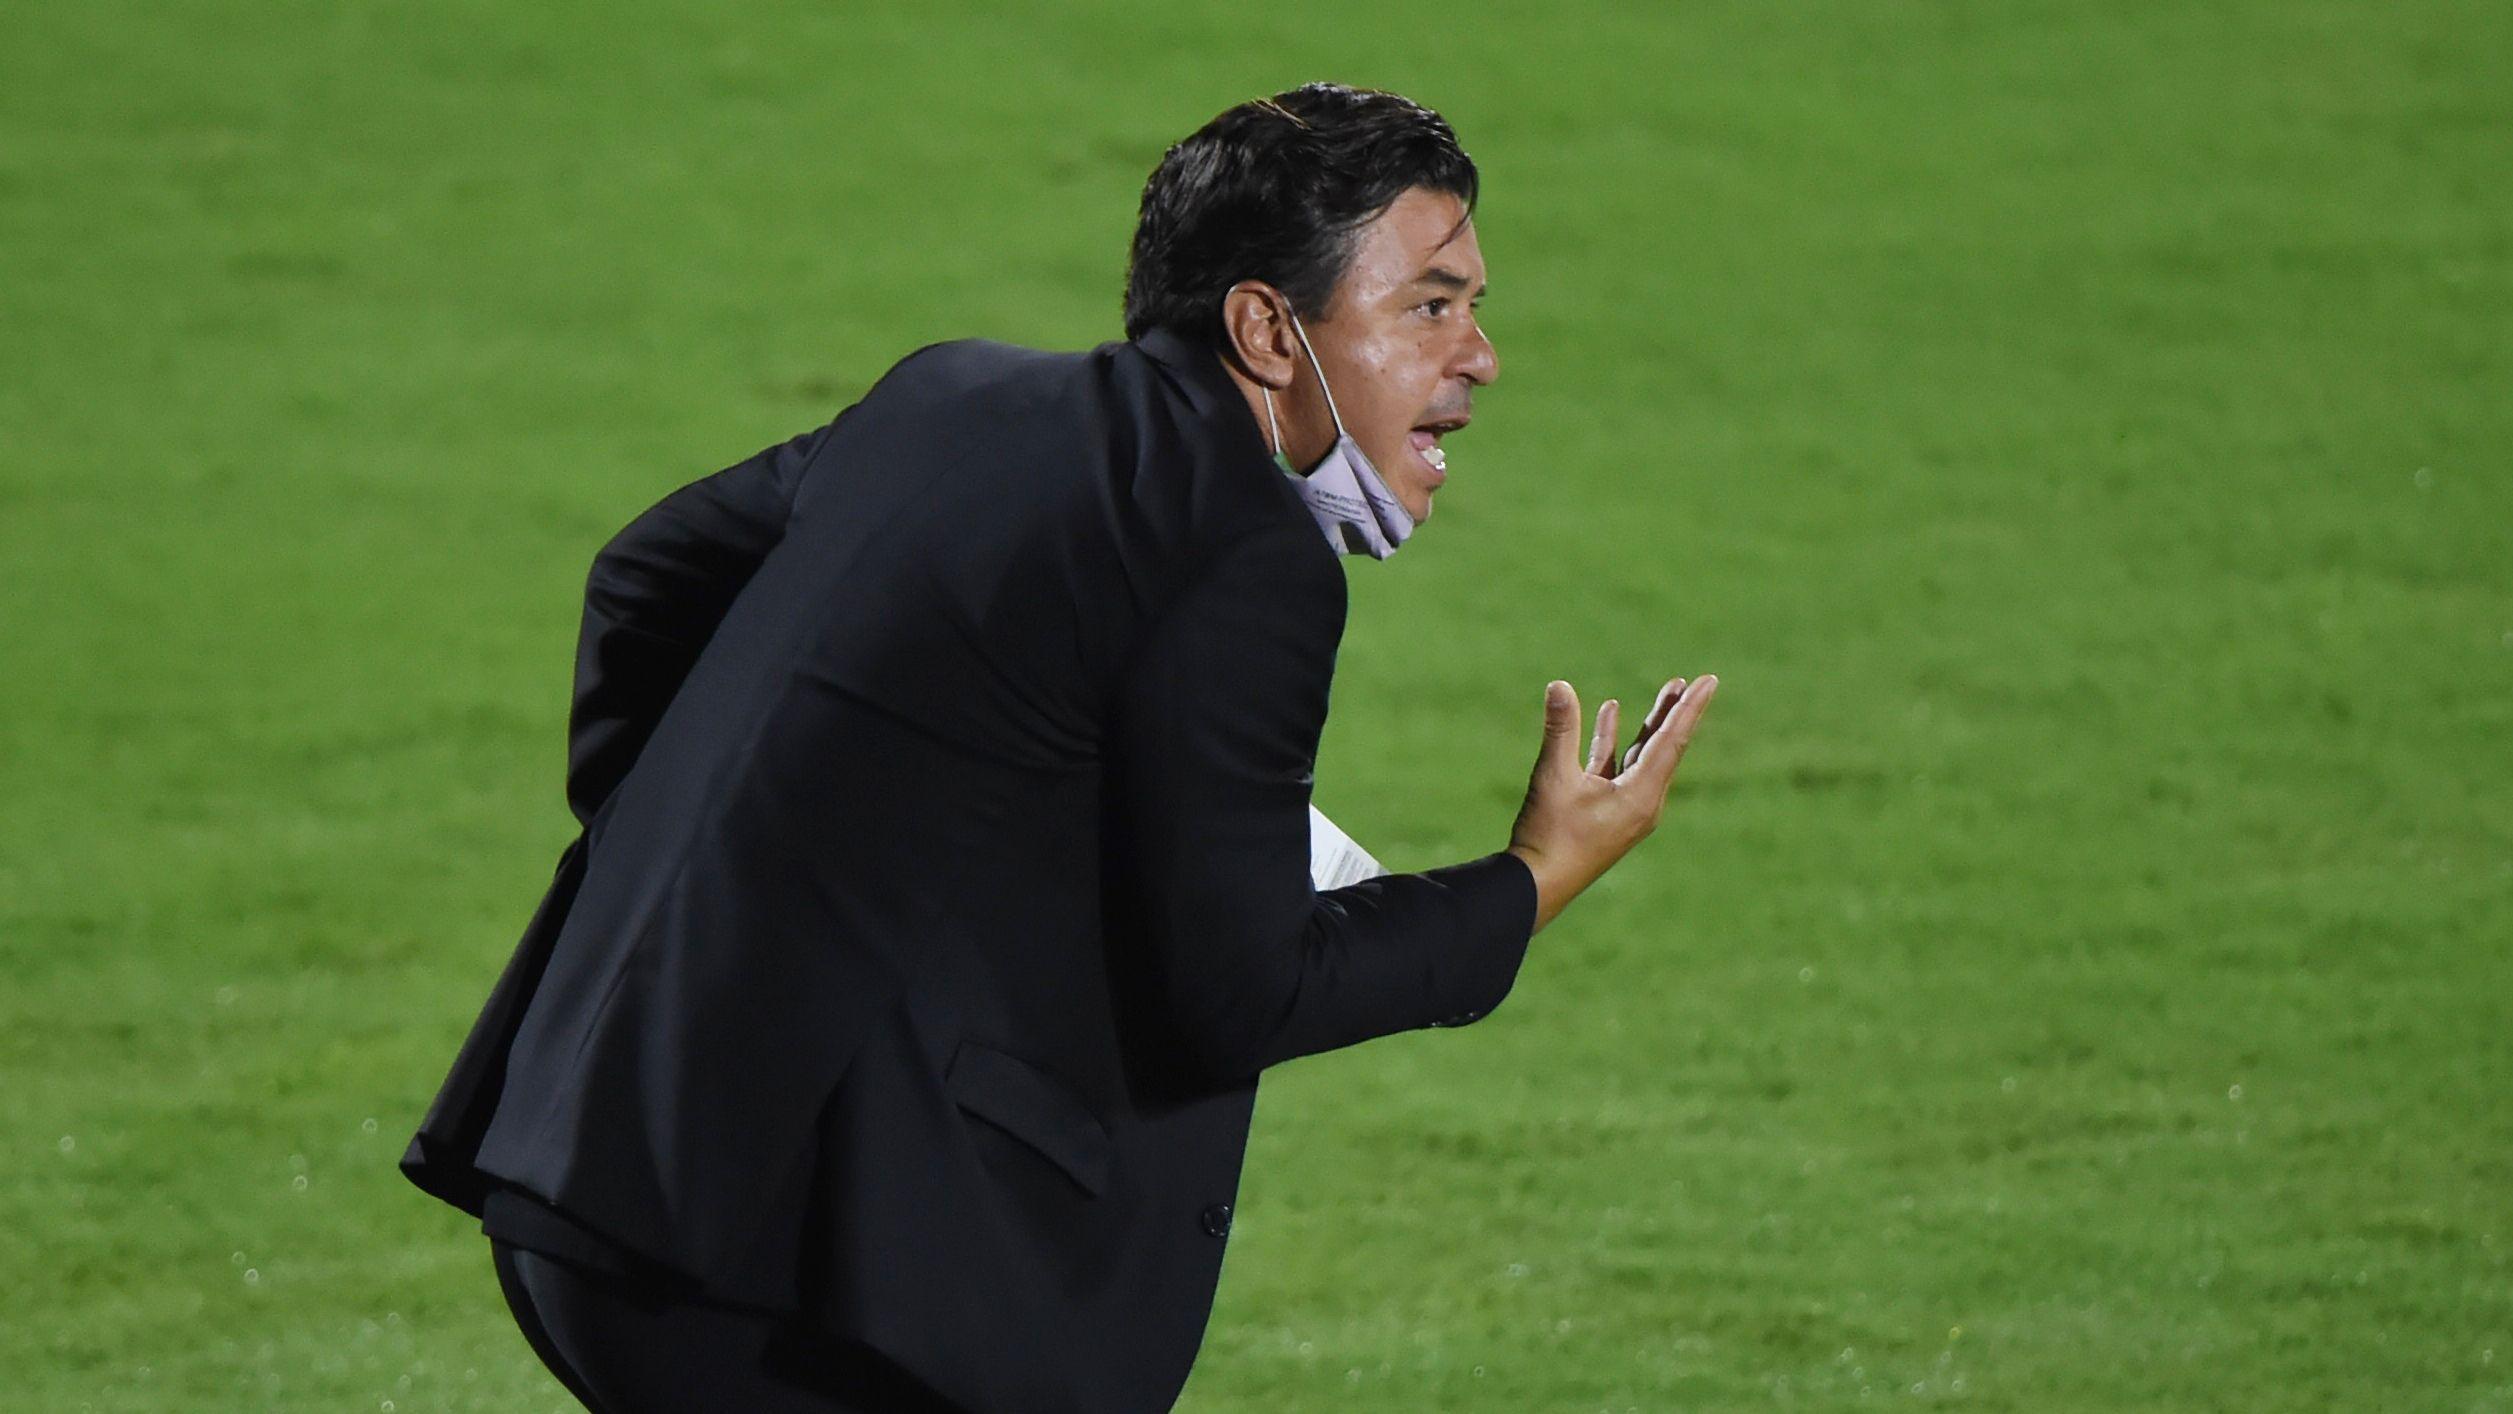 Marcelo Gallardo destacó el empate logrado sobre la hora ante Junior en Colombia, aunque lamentó el contexto en el que debieron jugar (REUTERS/Daniel Munoz)